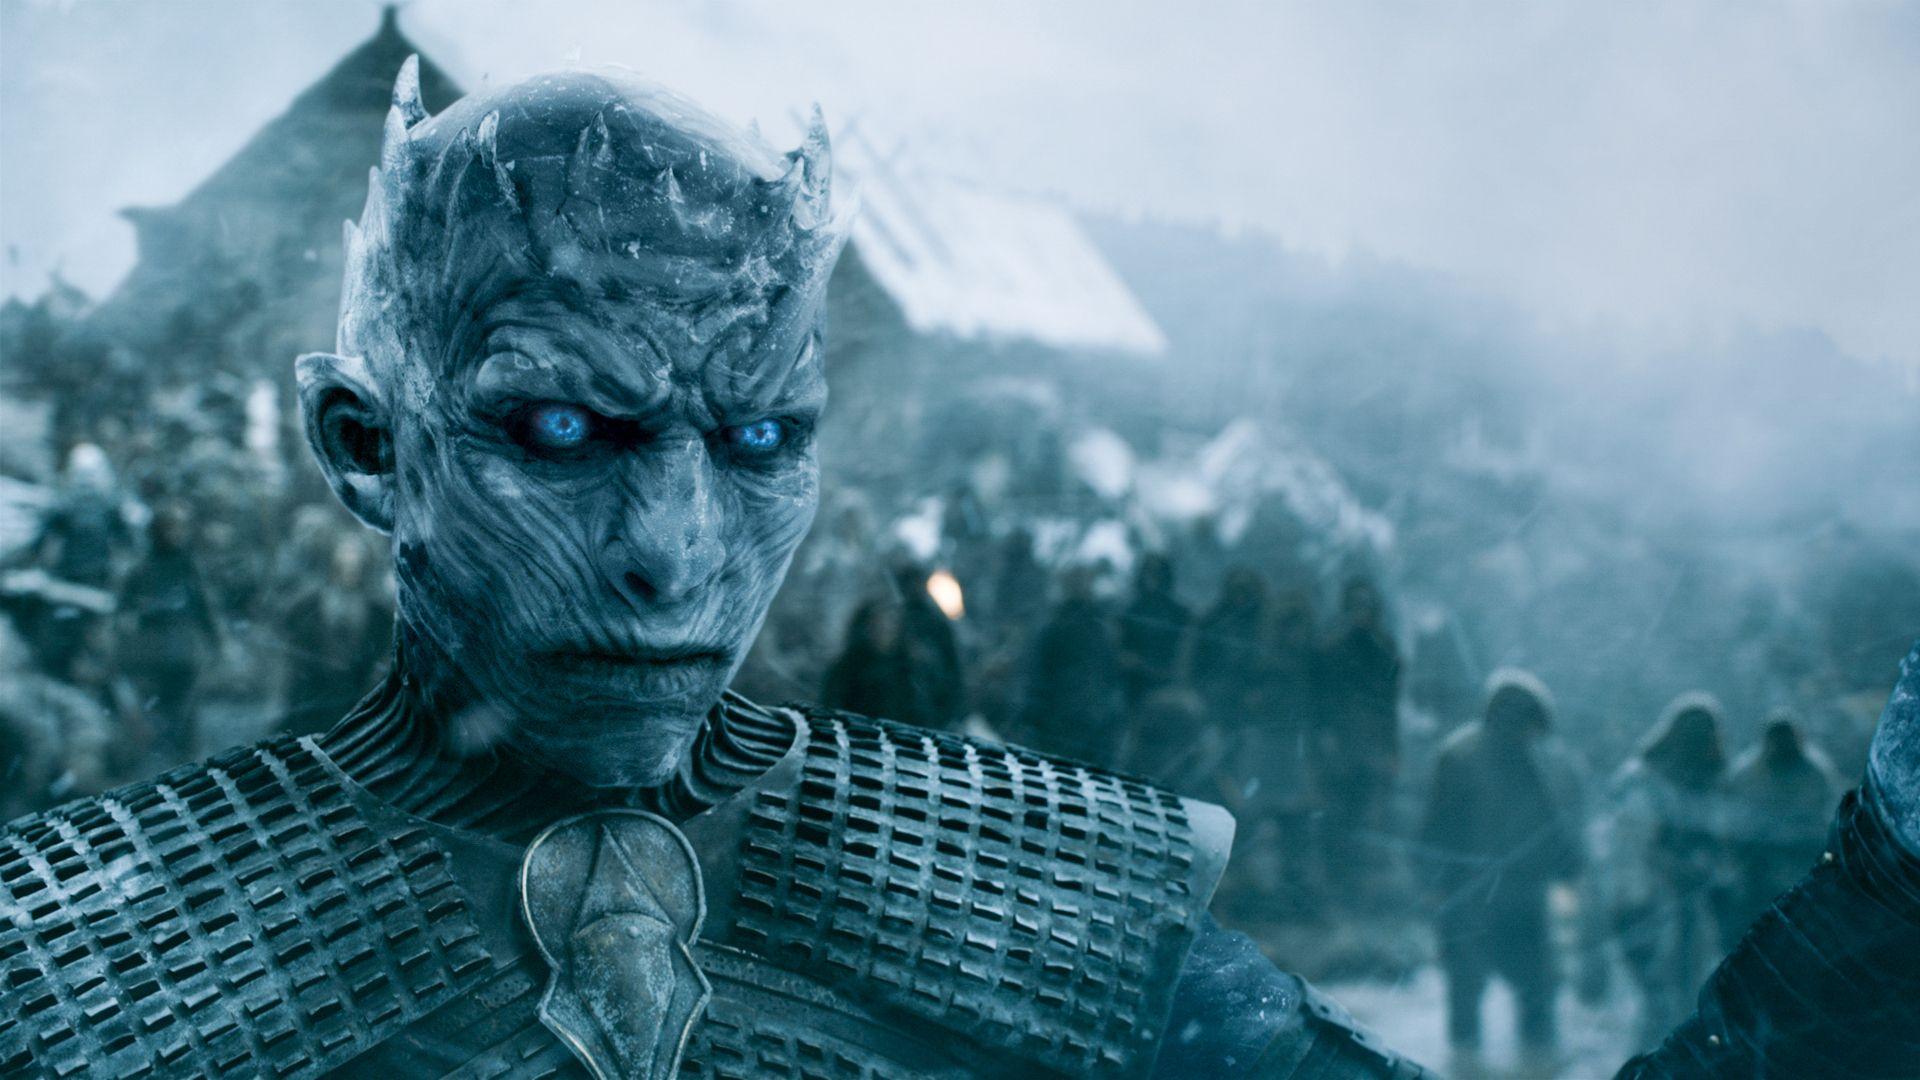 Tamaskan Game Of Thrones